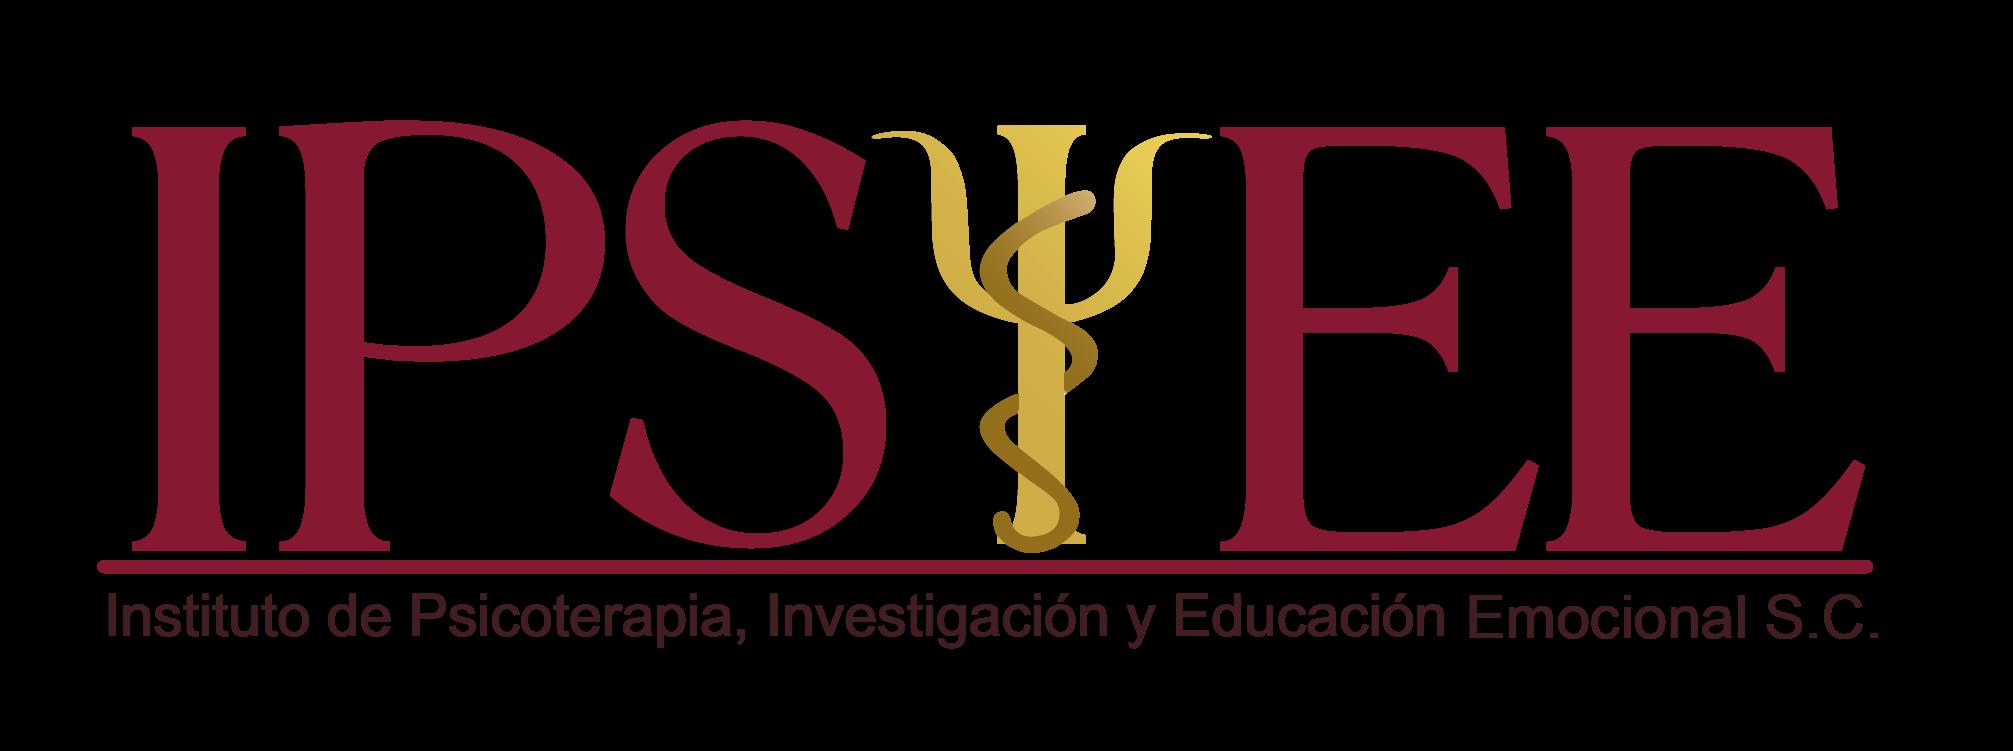 IPSIEE | Instituto de Psicoterapia, Investigación y Educación Emocional